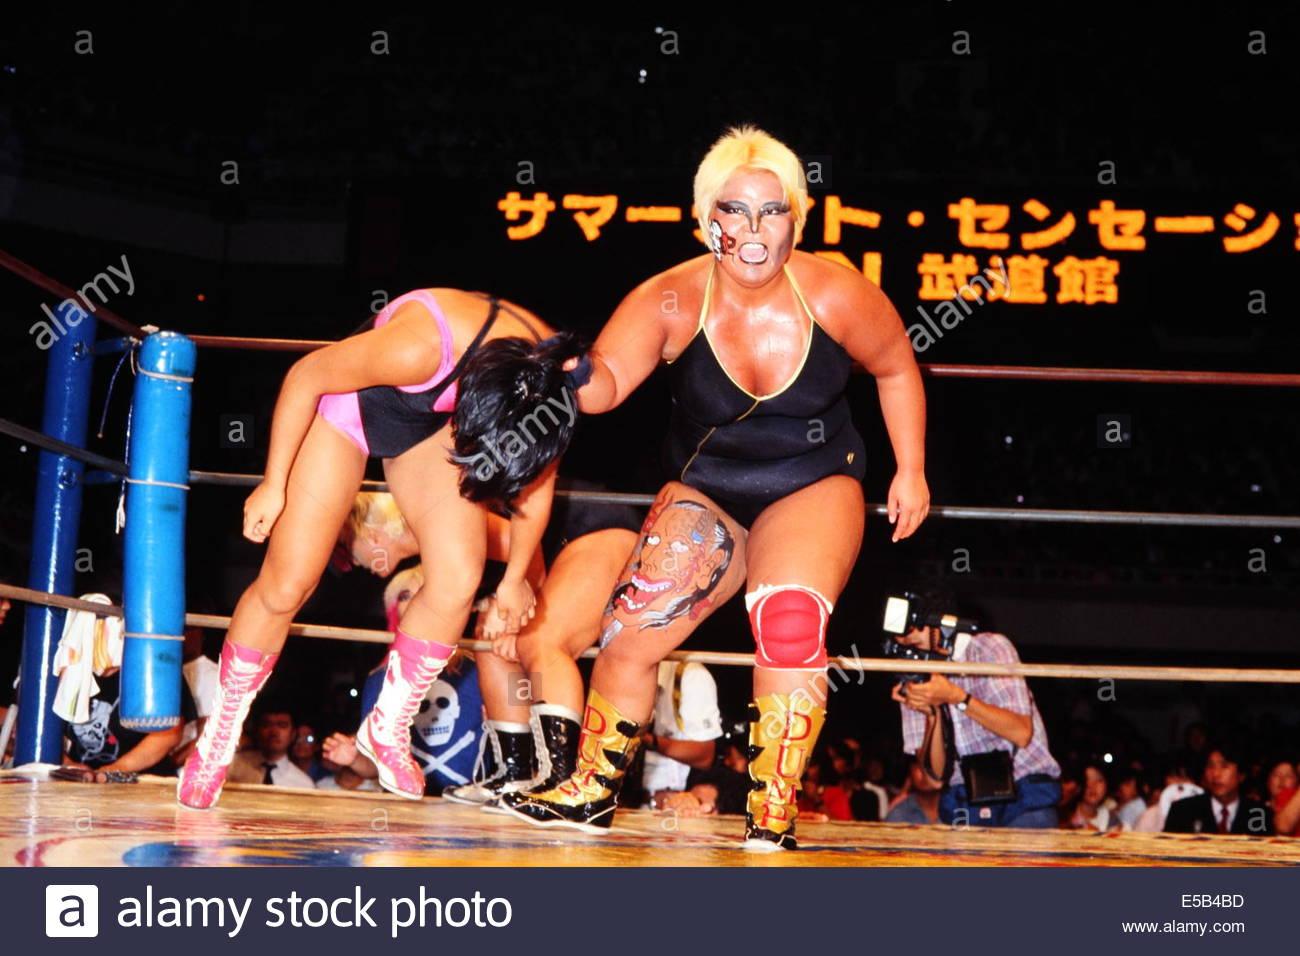 Dump Matsumoto, AUGUST 12, 1985 - Pro-Wrestling : All Japan Women's